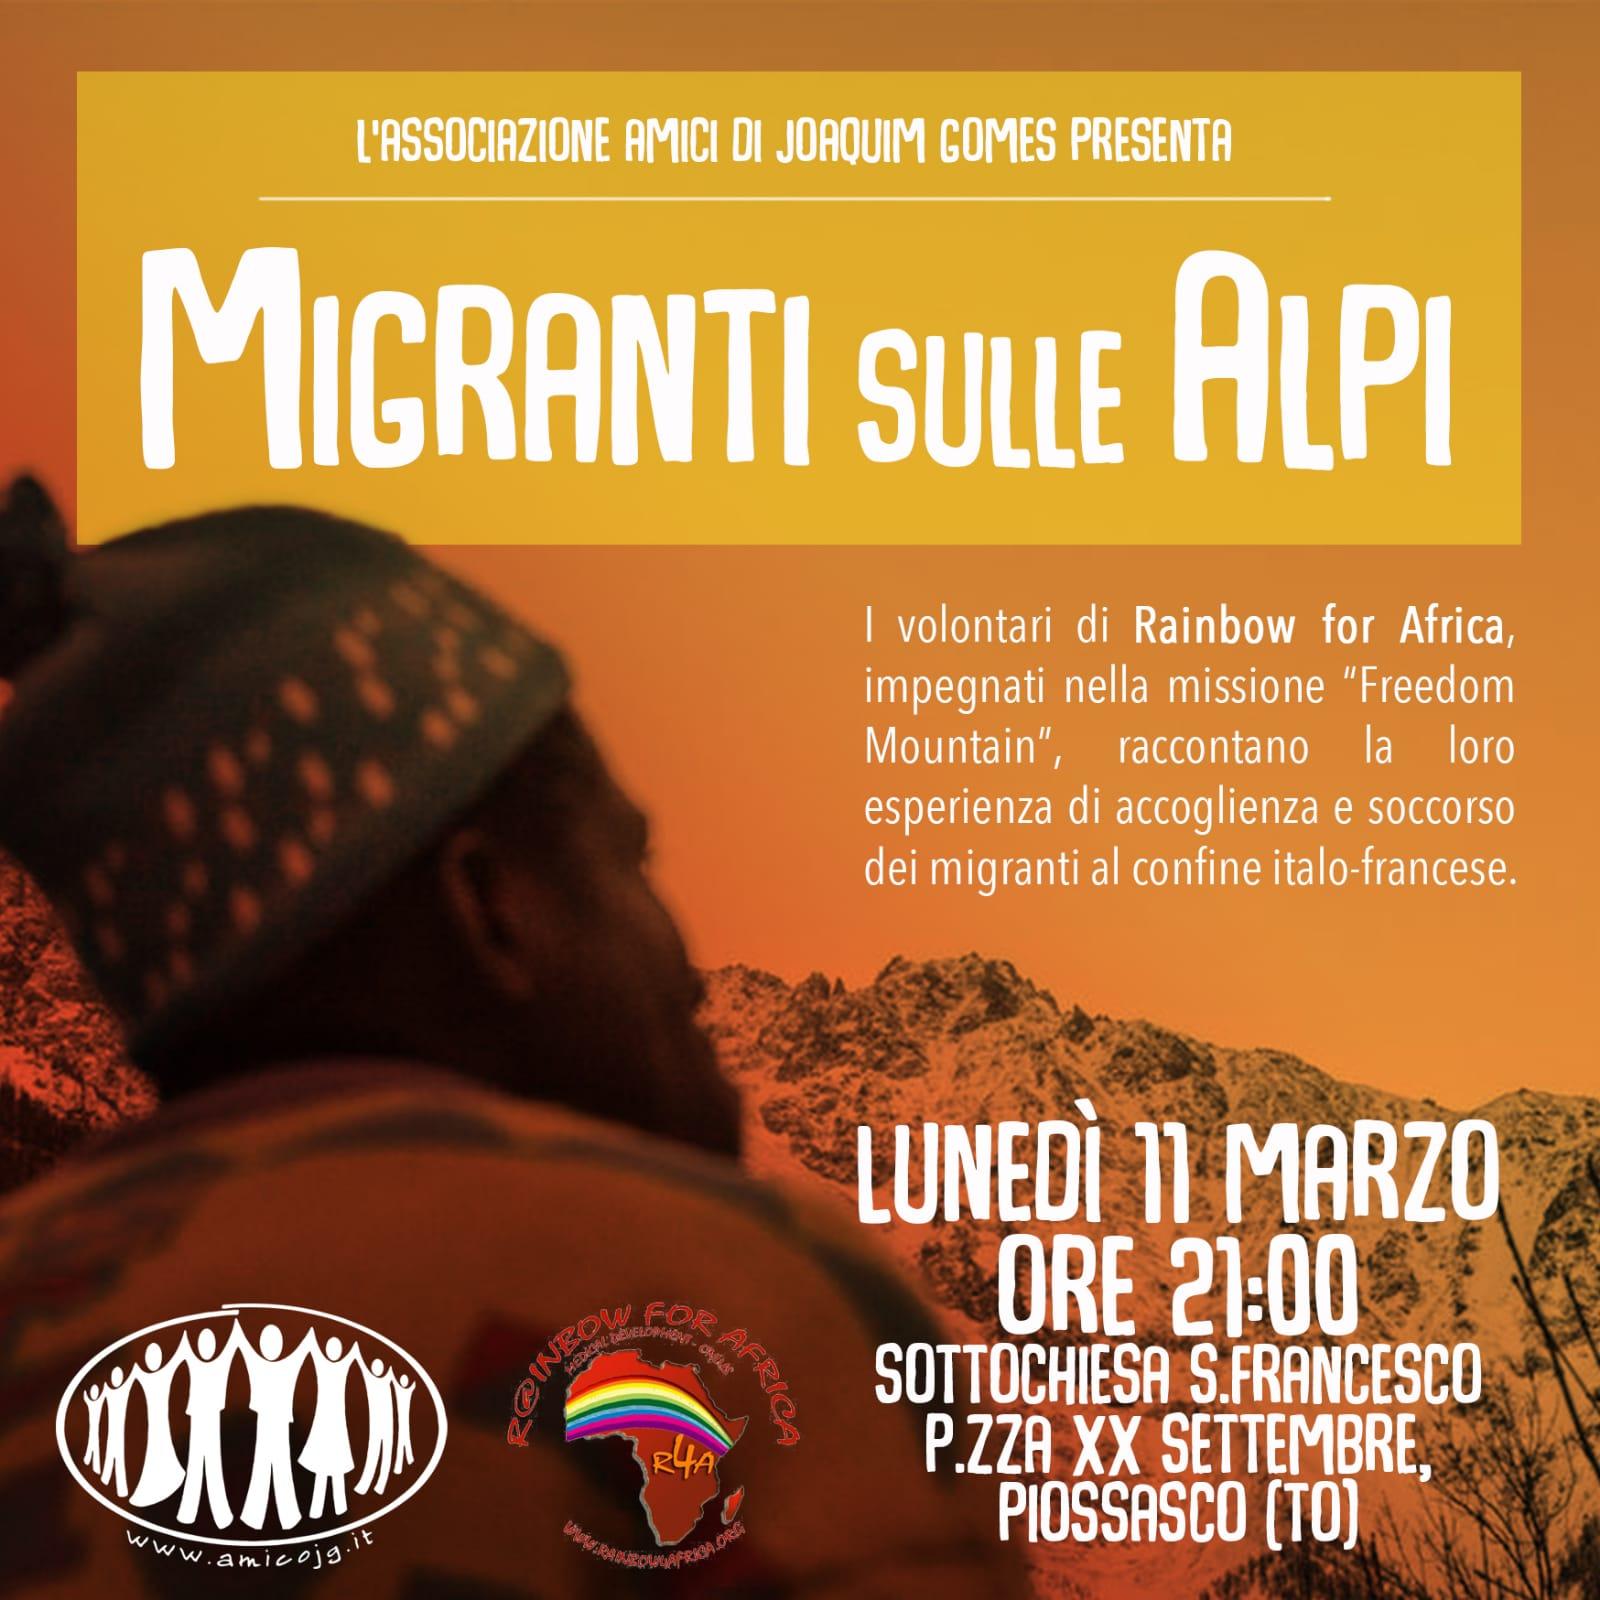 """Incontro """"Migranti sulle Alpi"""" lunedì 11 marzo 2019 ore 21 a Piossasco"""